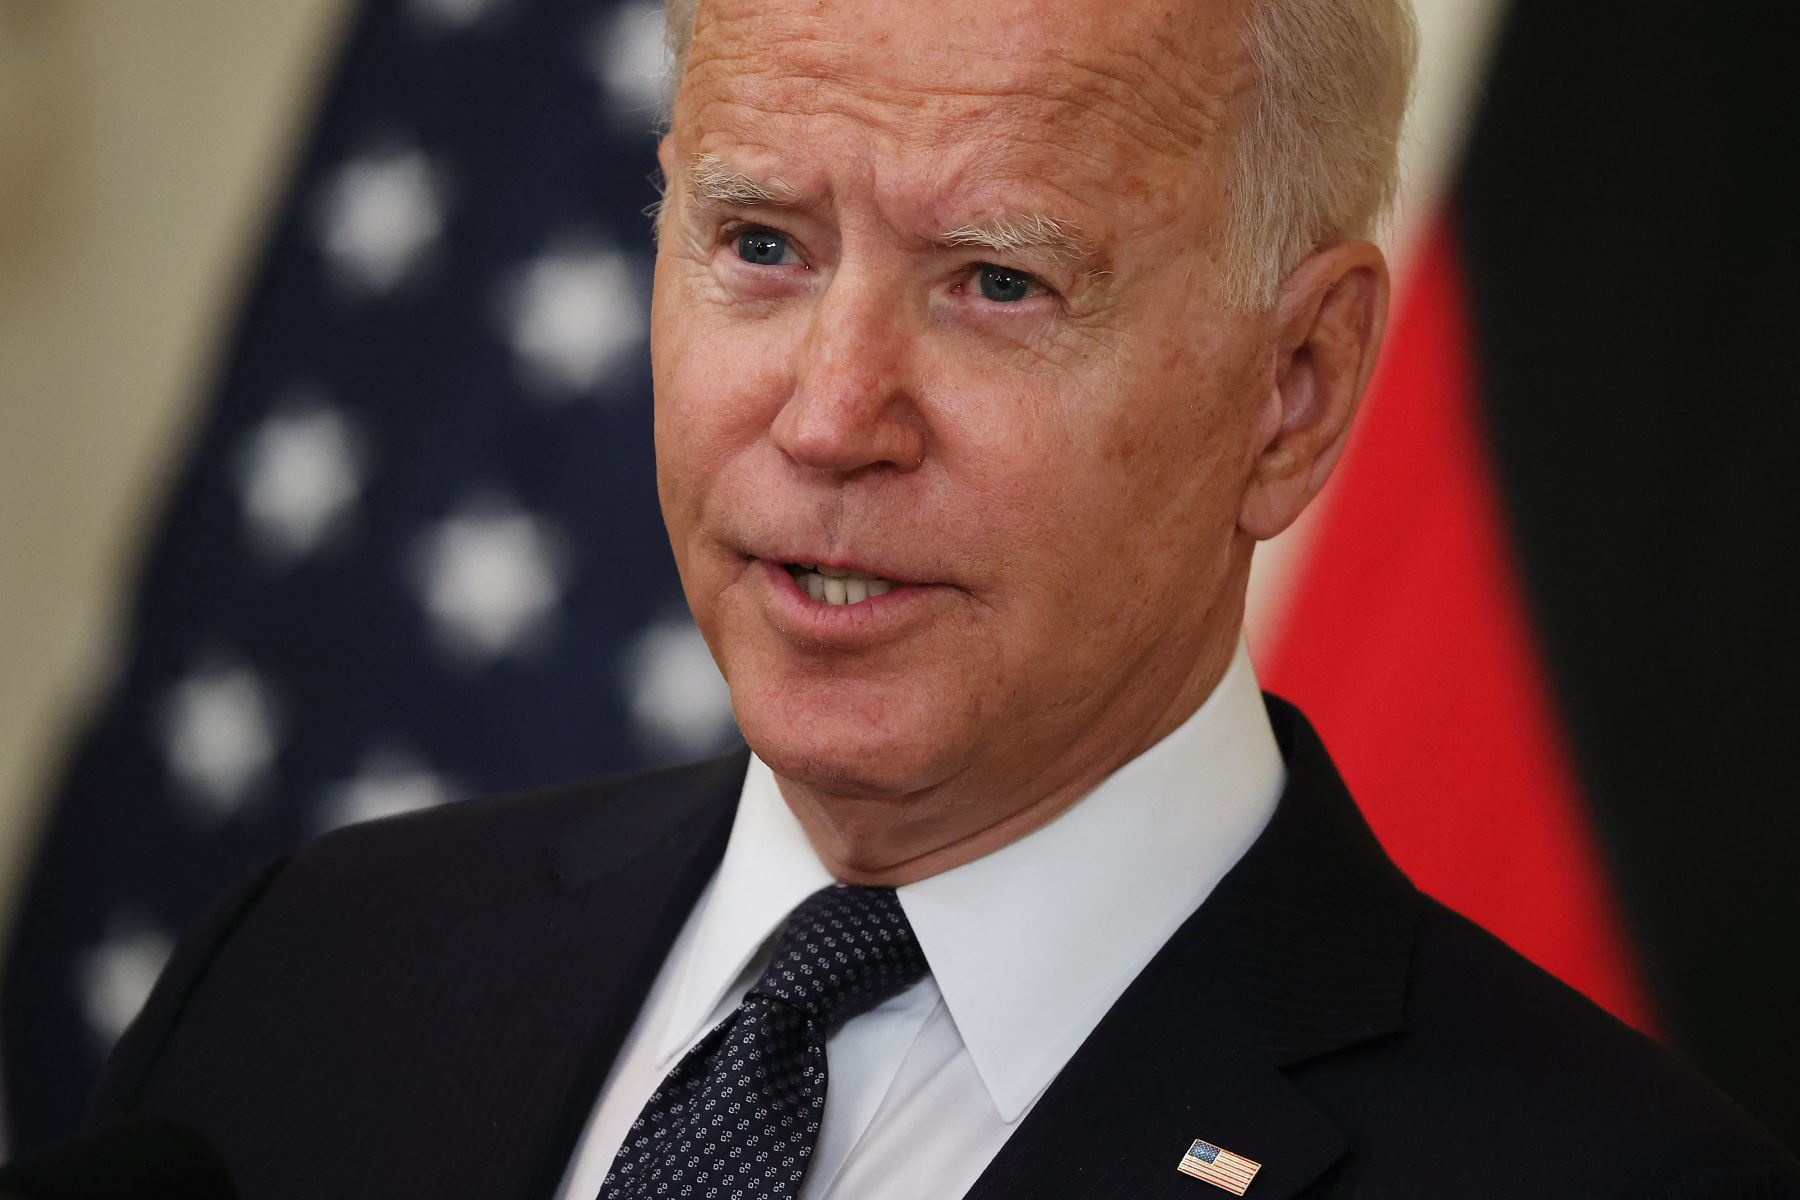 Biden afirma que EE. UU. estudia cómo restaurar la señal de internet en Cuba